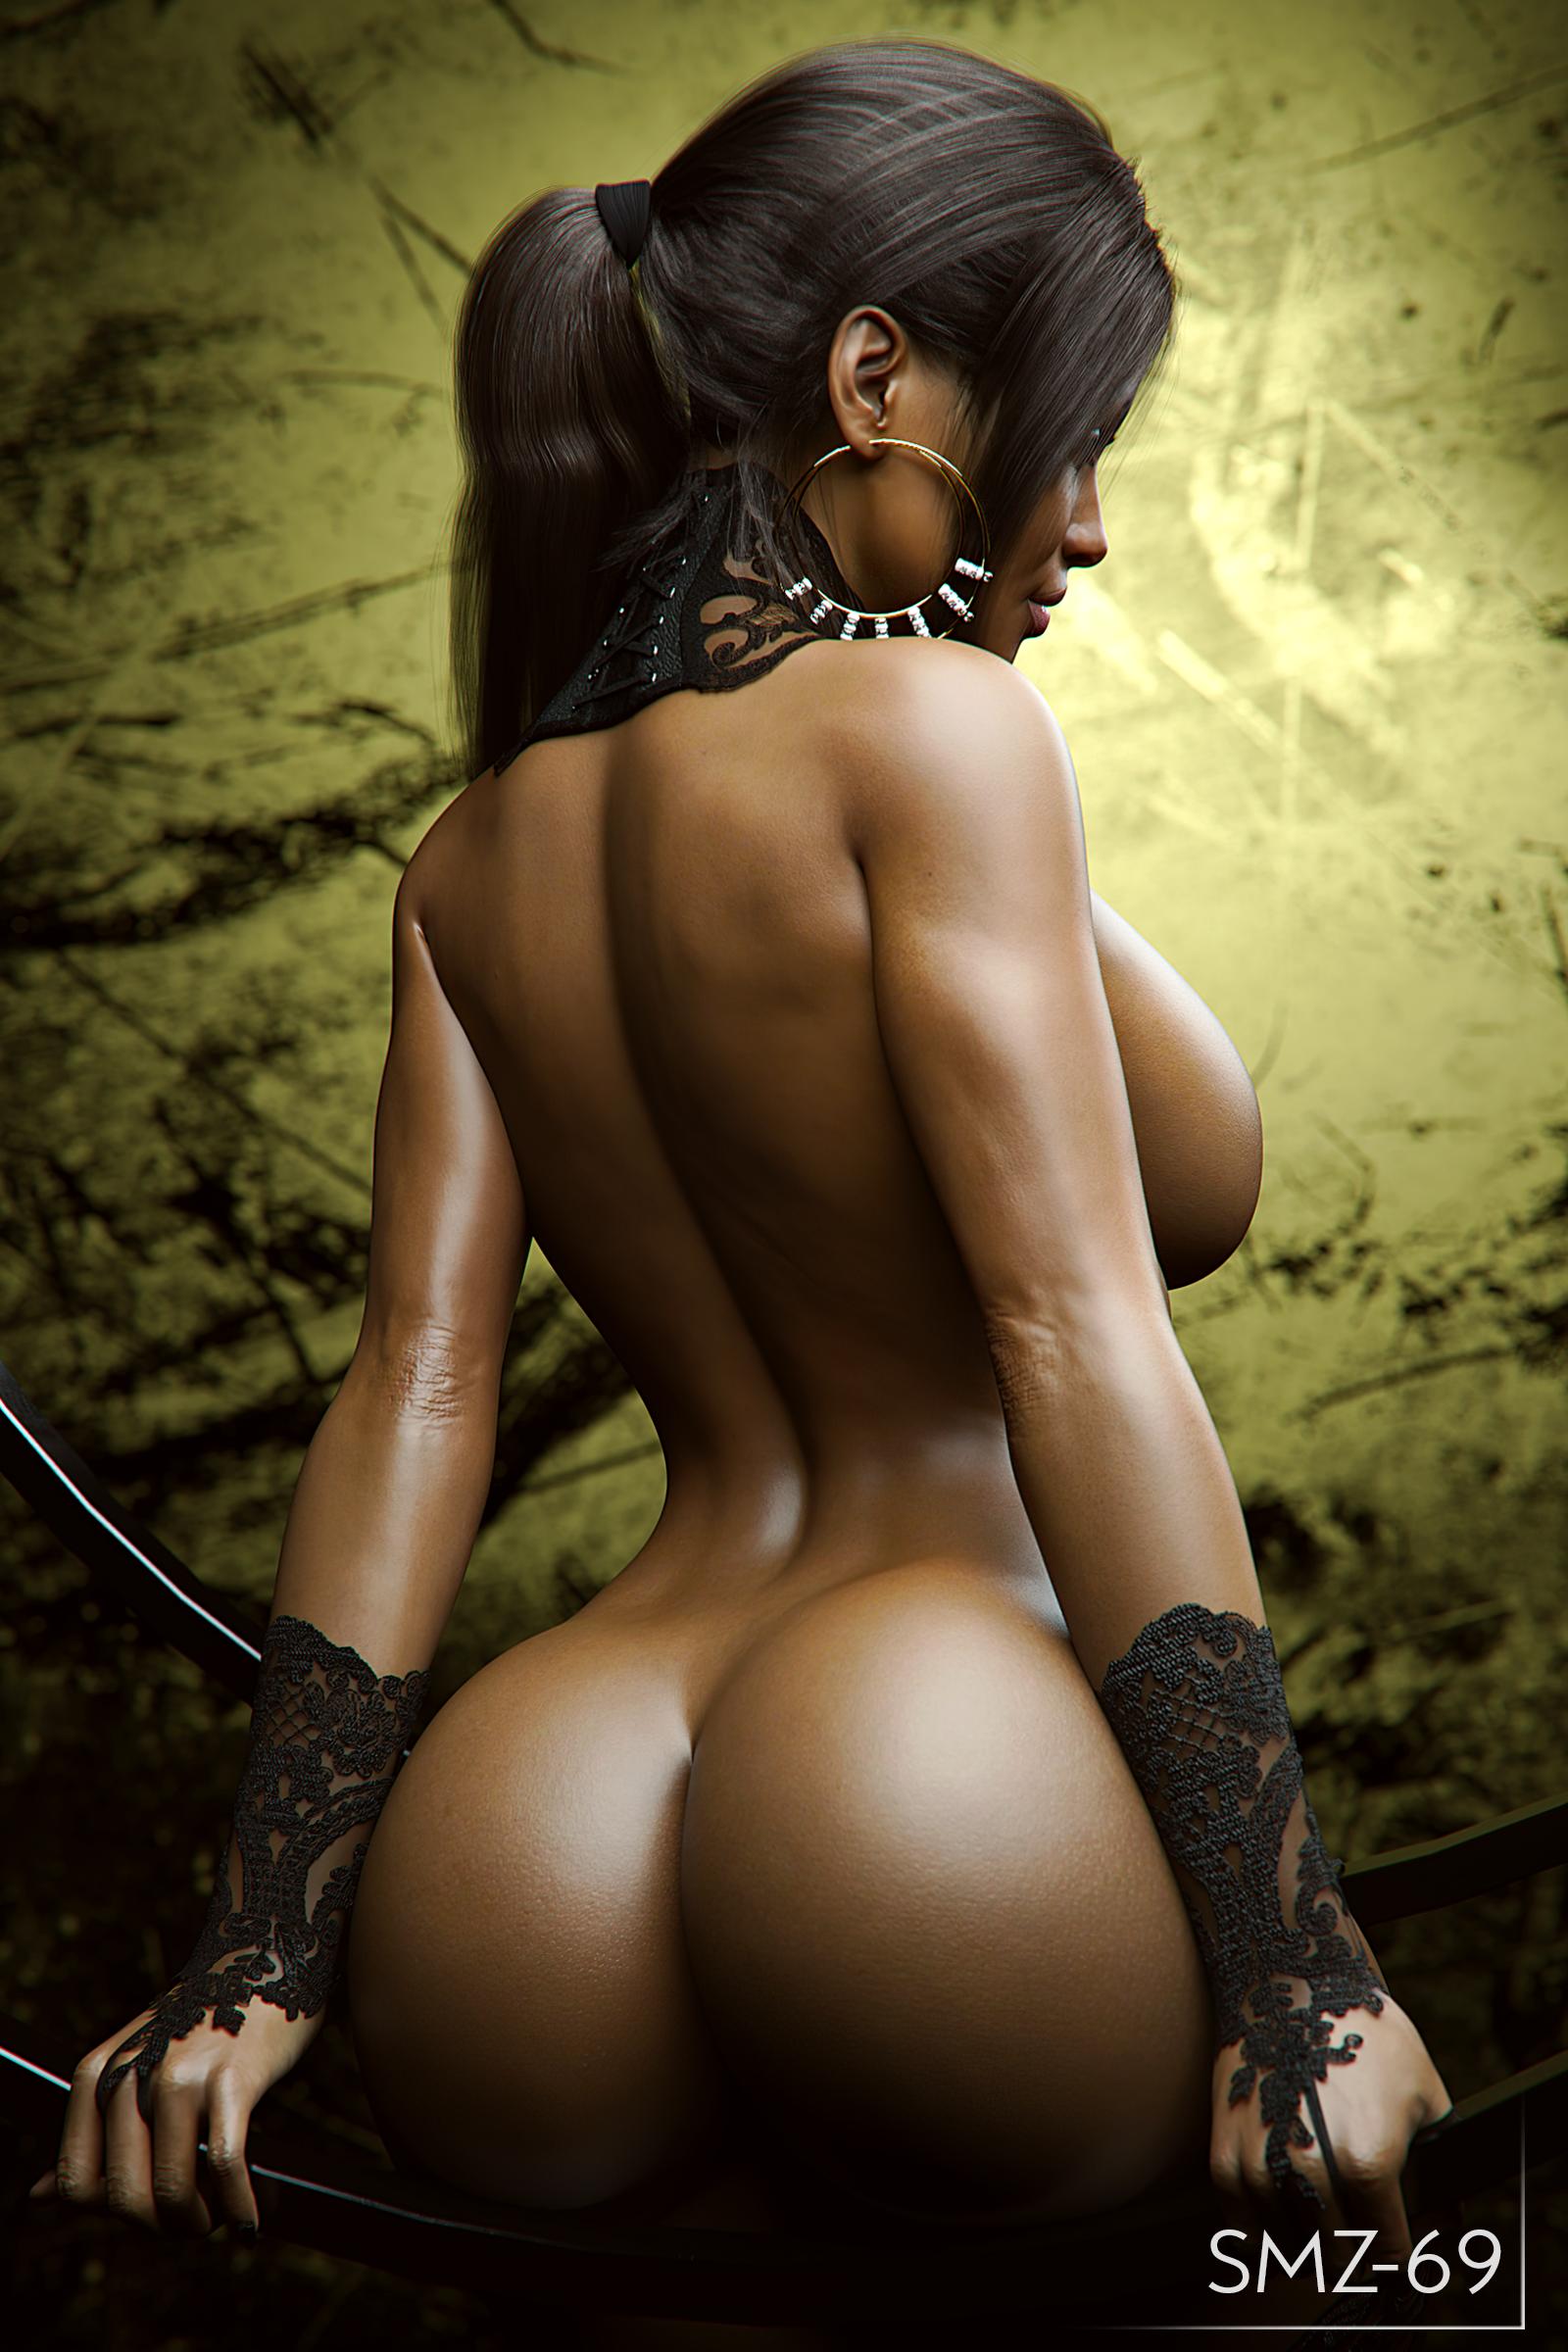 Janet - Back